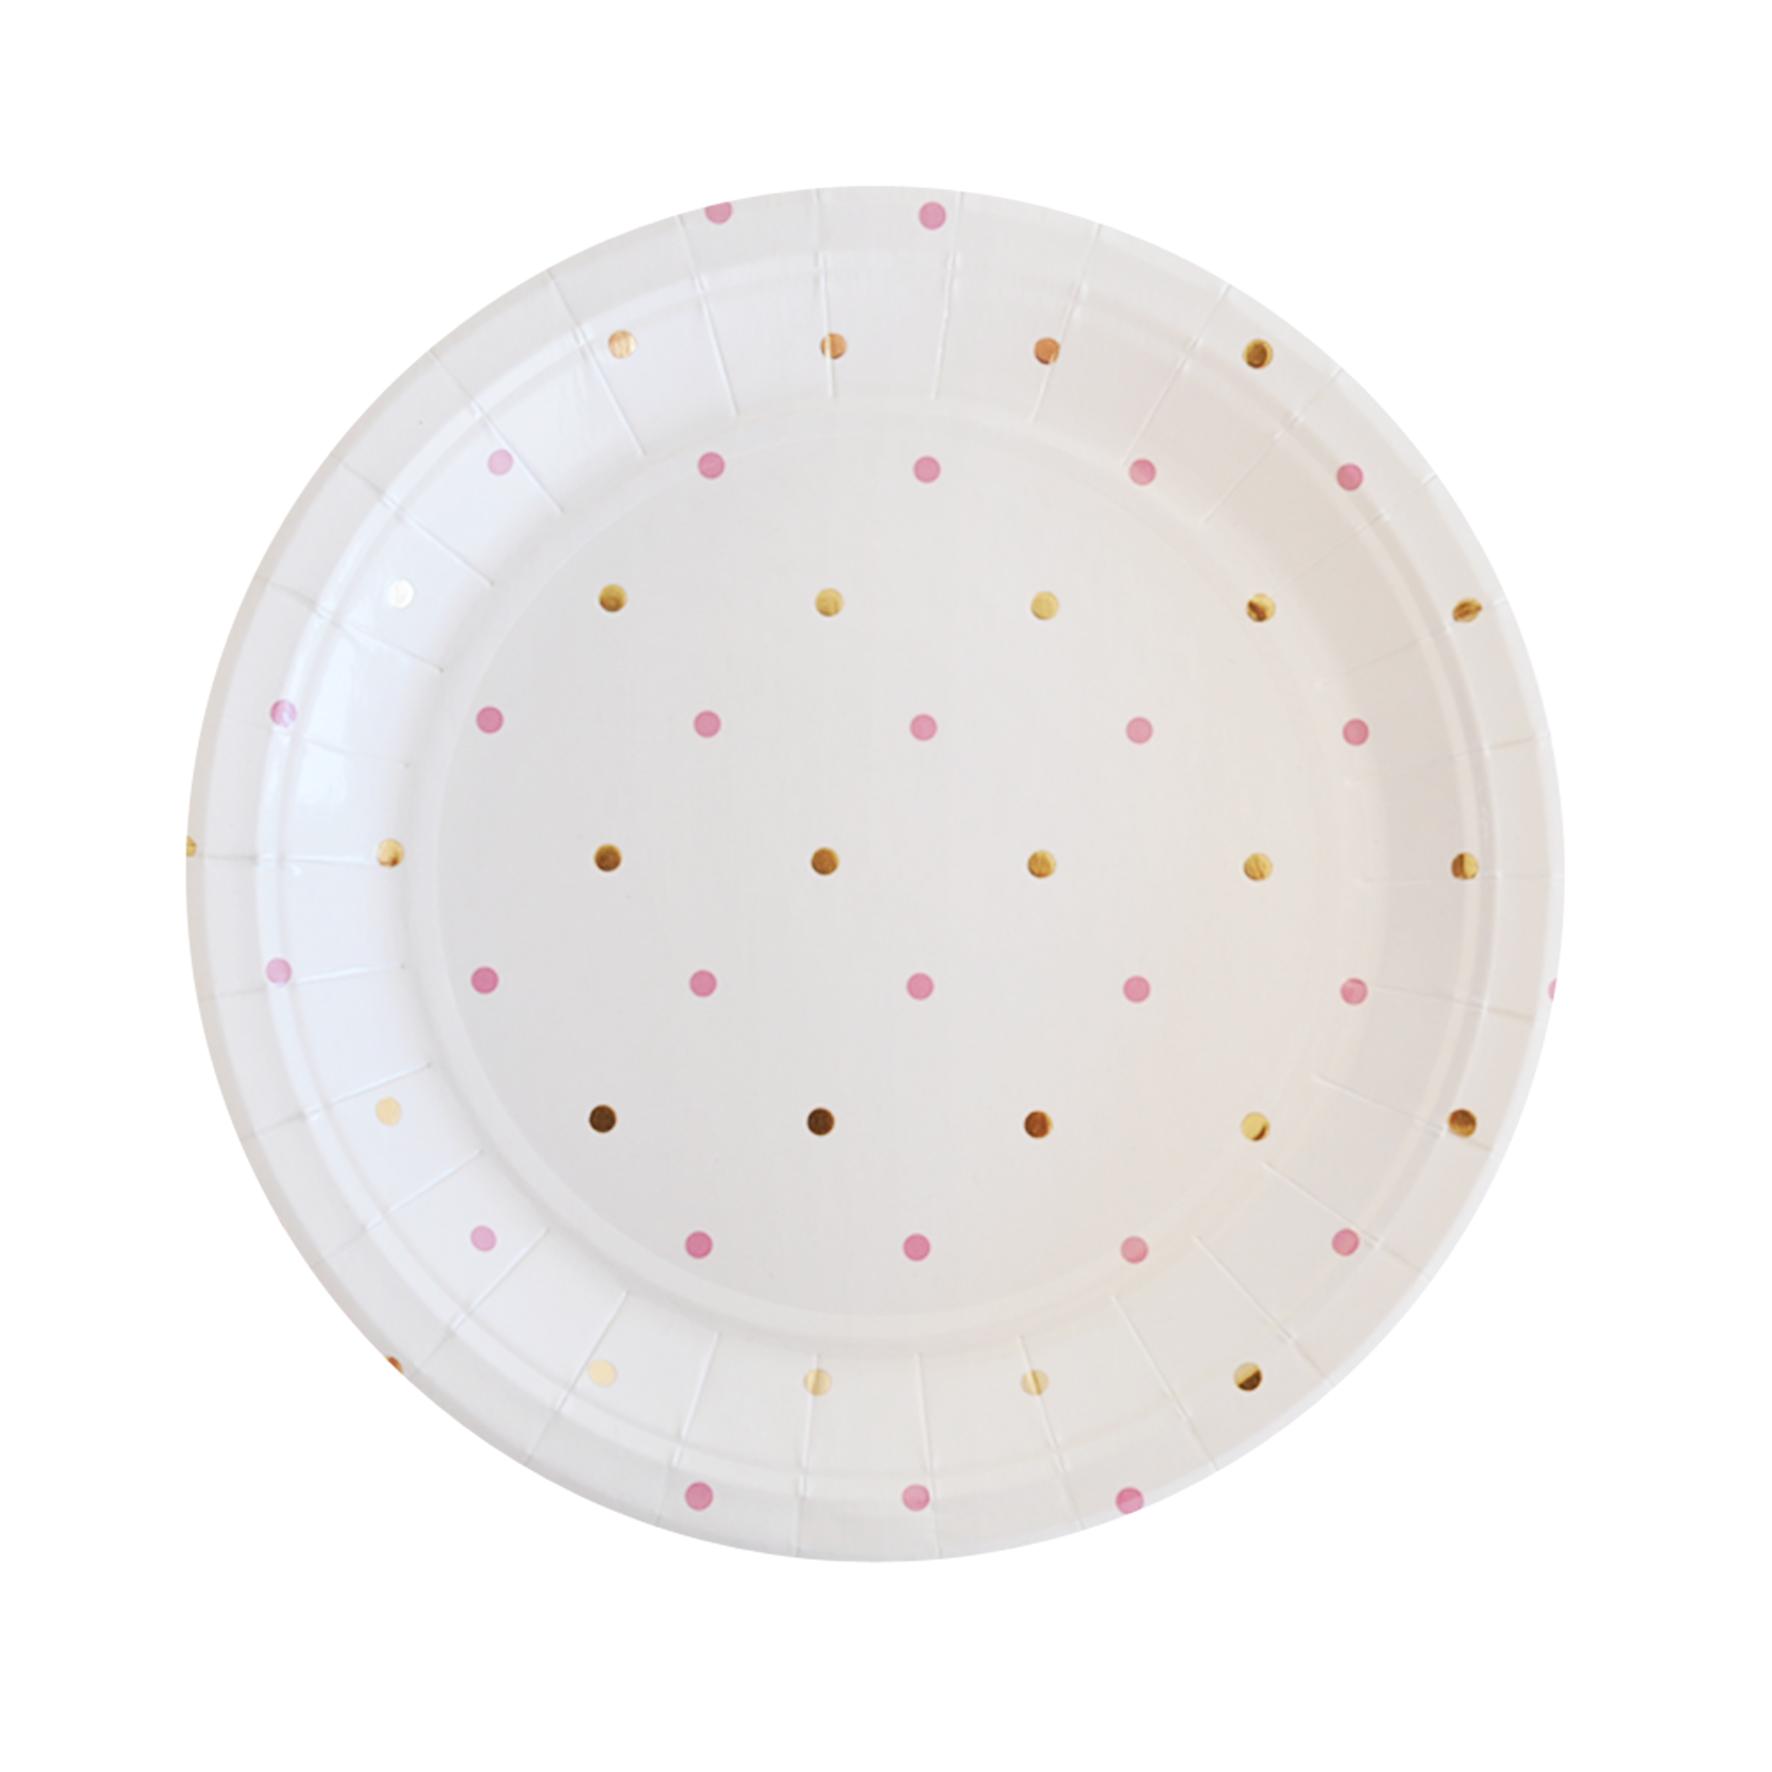 gold _ pink dessert plates HR.jpg